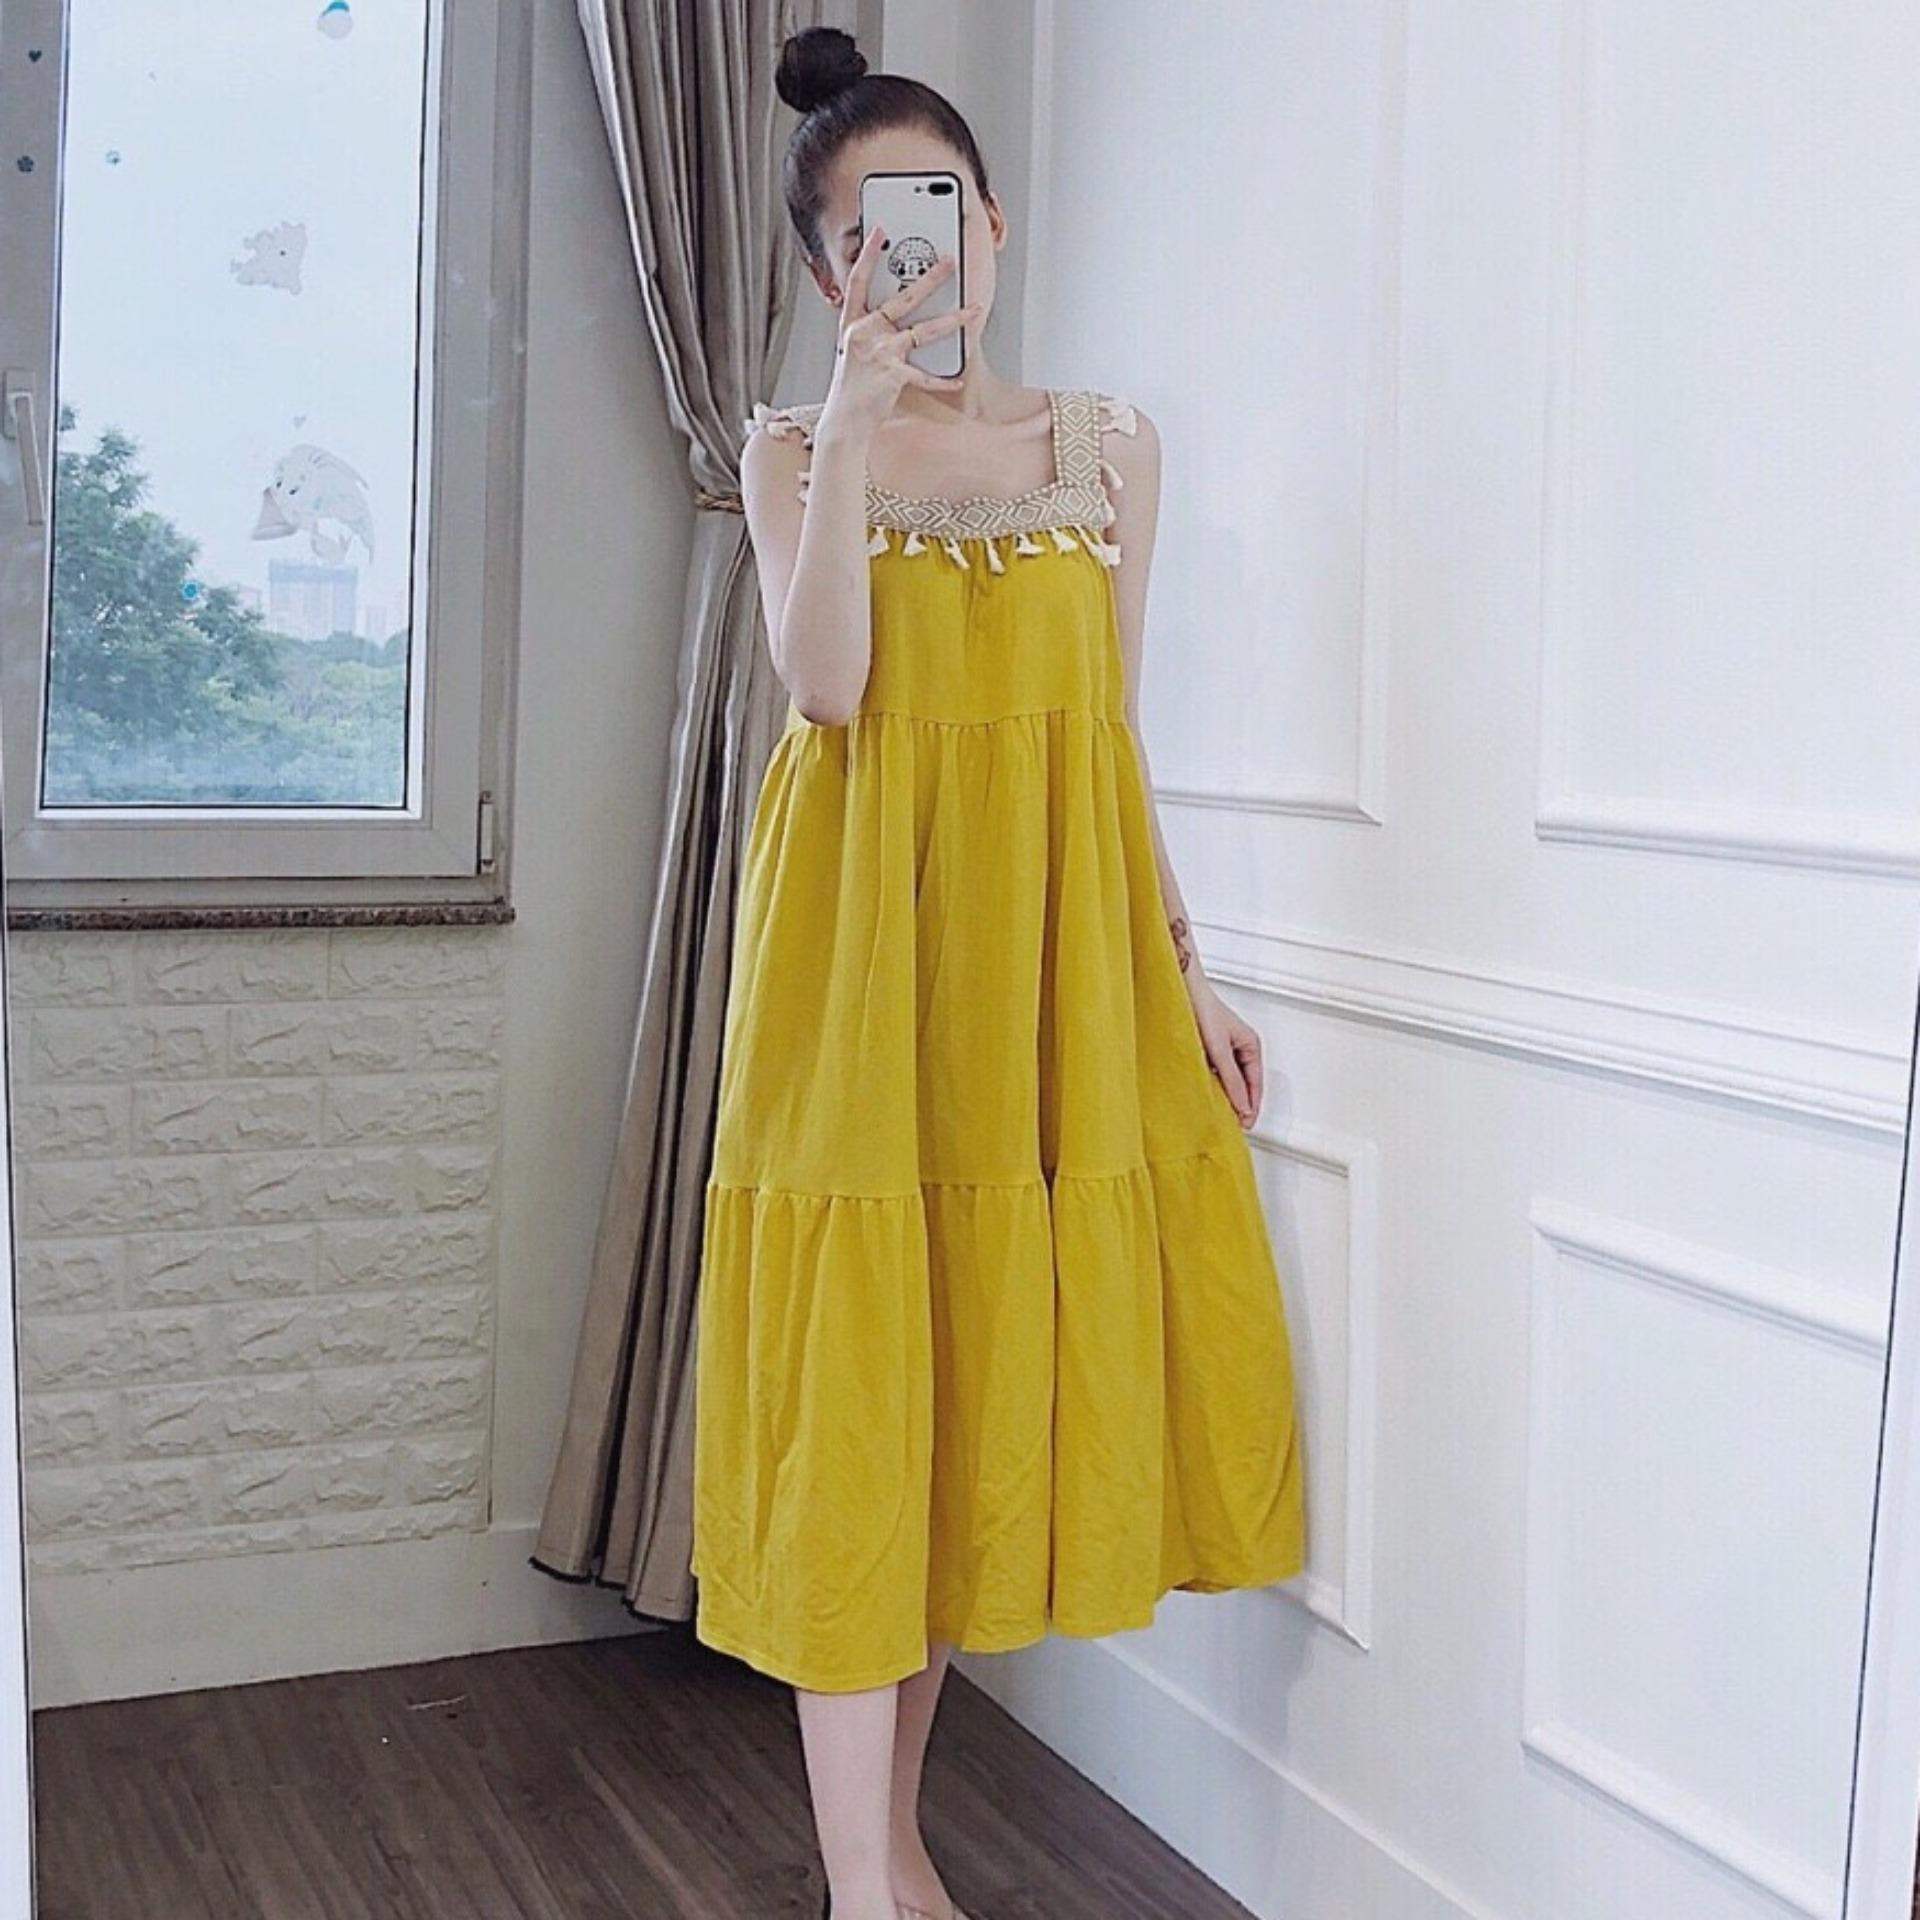 đầm Bầu, Váy Bầu Thời Trang Giảm Cực Hot